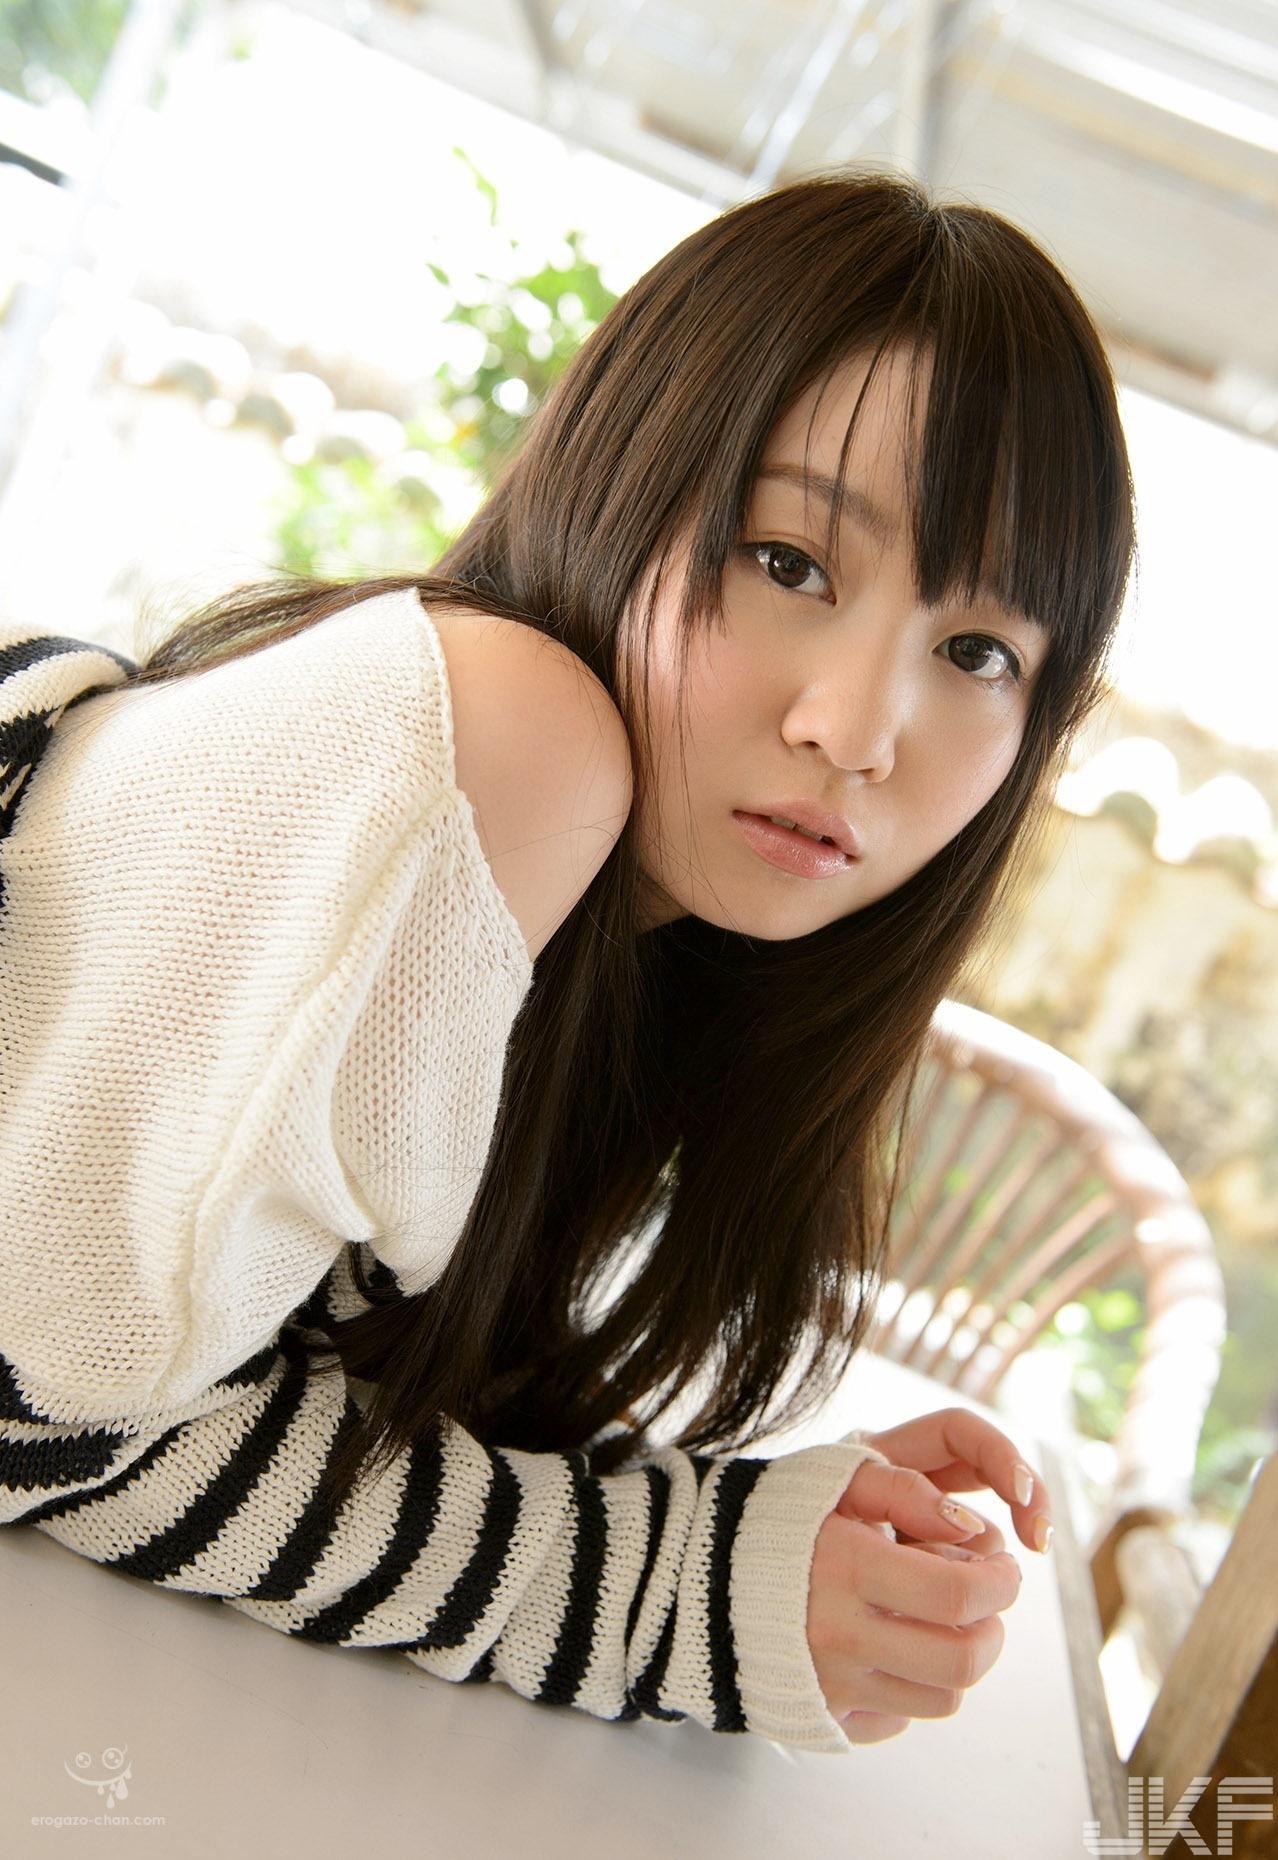 yumeno_aika_1136-134.jpg